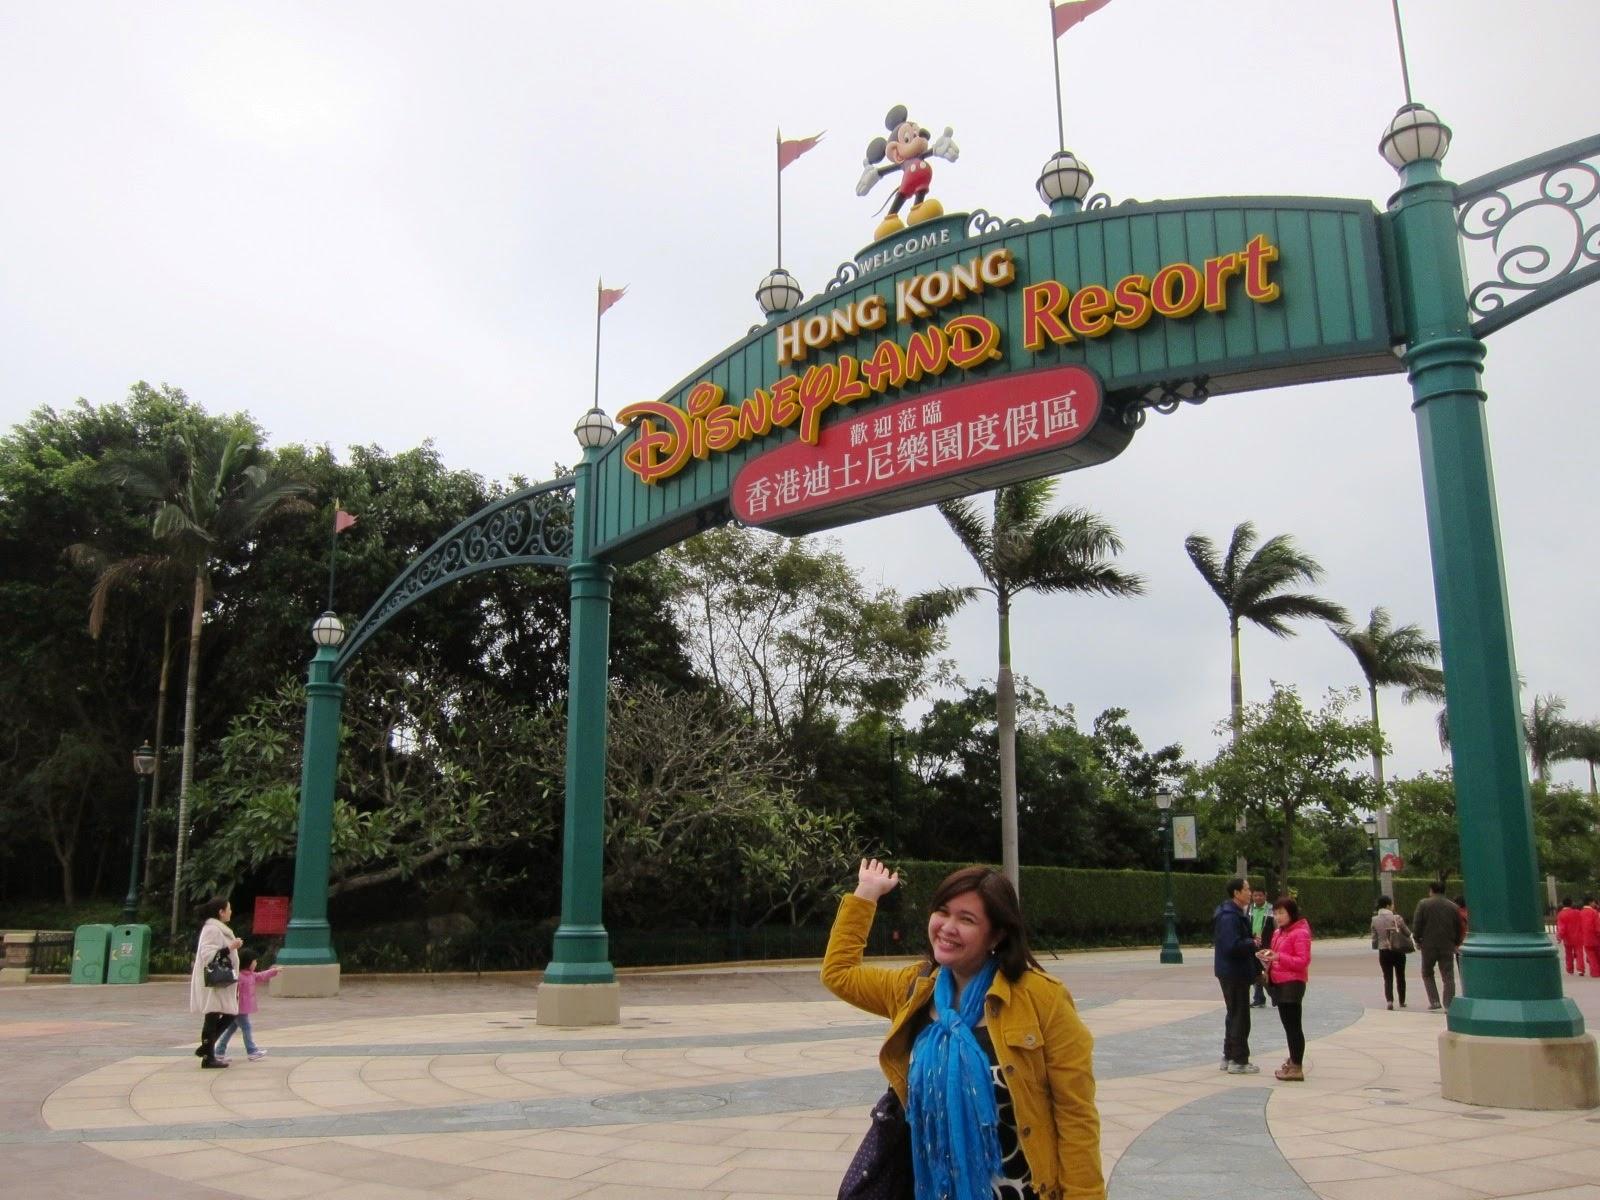 This is Lovelee: Hong Kong Trip: HK Disneyland